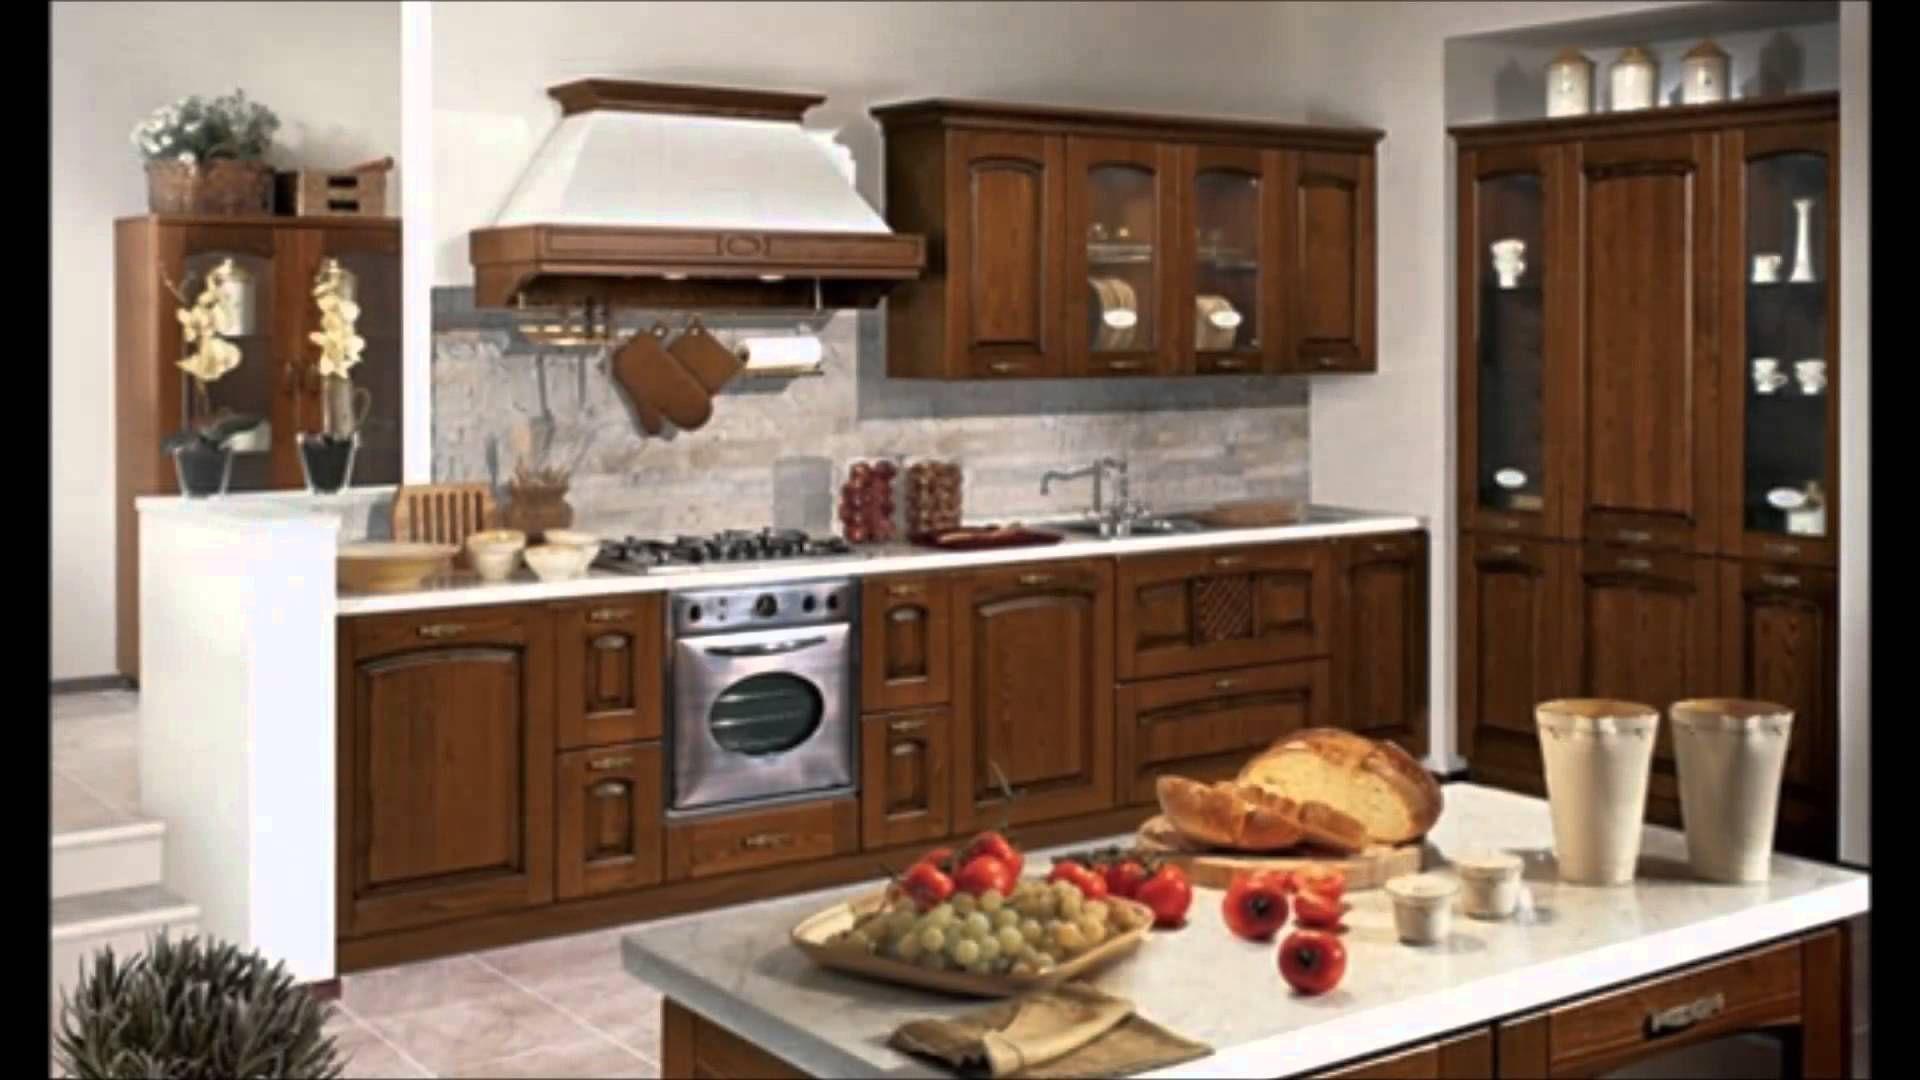 Blanco Arredamento rivenditore autorizzato Stosa | Cucine ...